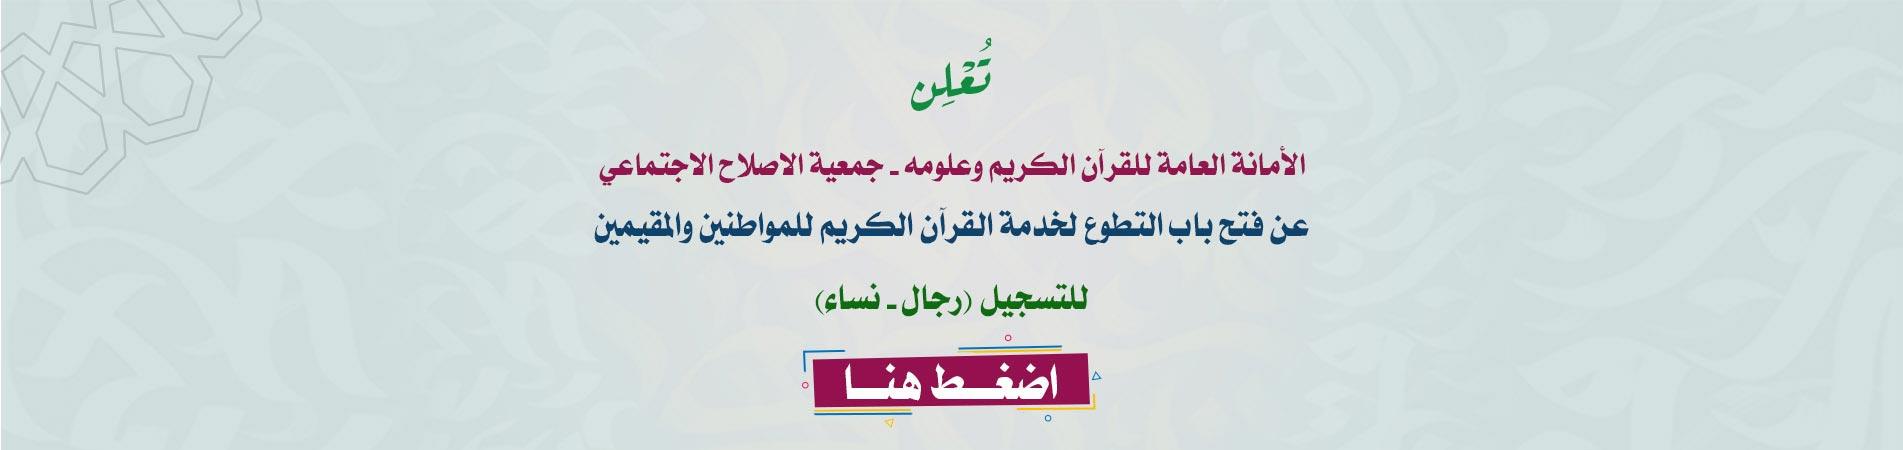 الأمانة العامة للقرآن الكريم تفتح باب التطوع لخدمة القرآن الكريم